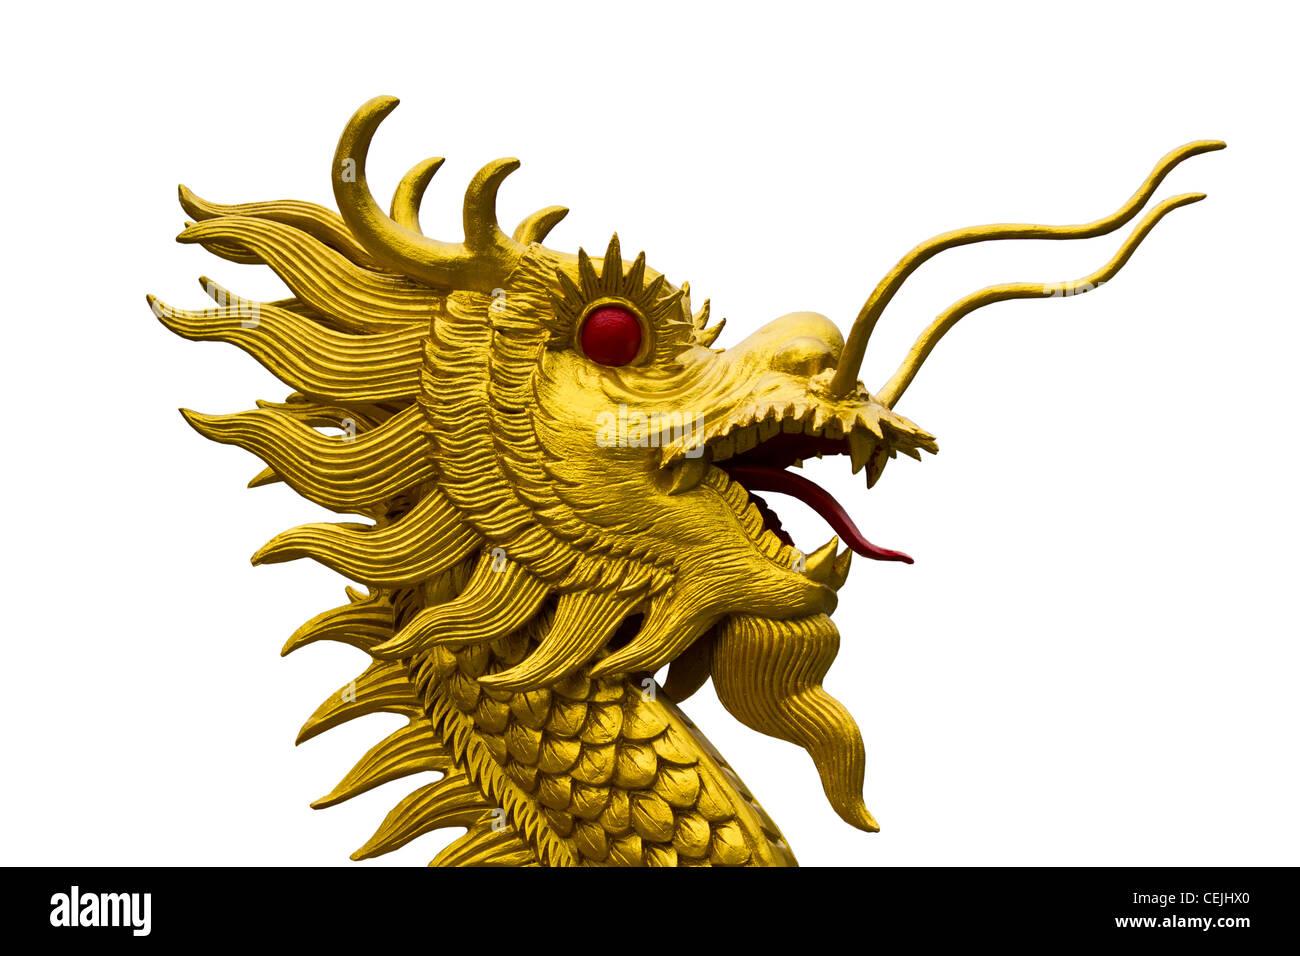 Golden Dragon Head Statue On Stock Photos & Golden Dragon Head ...